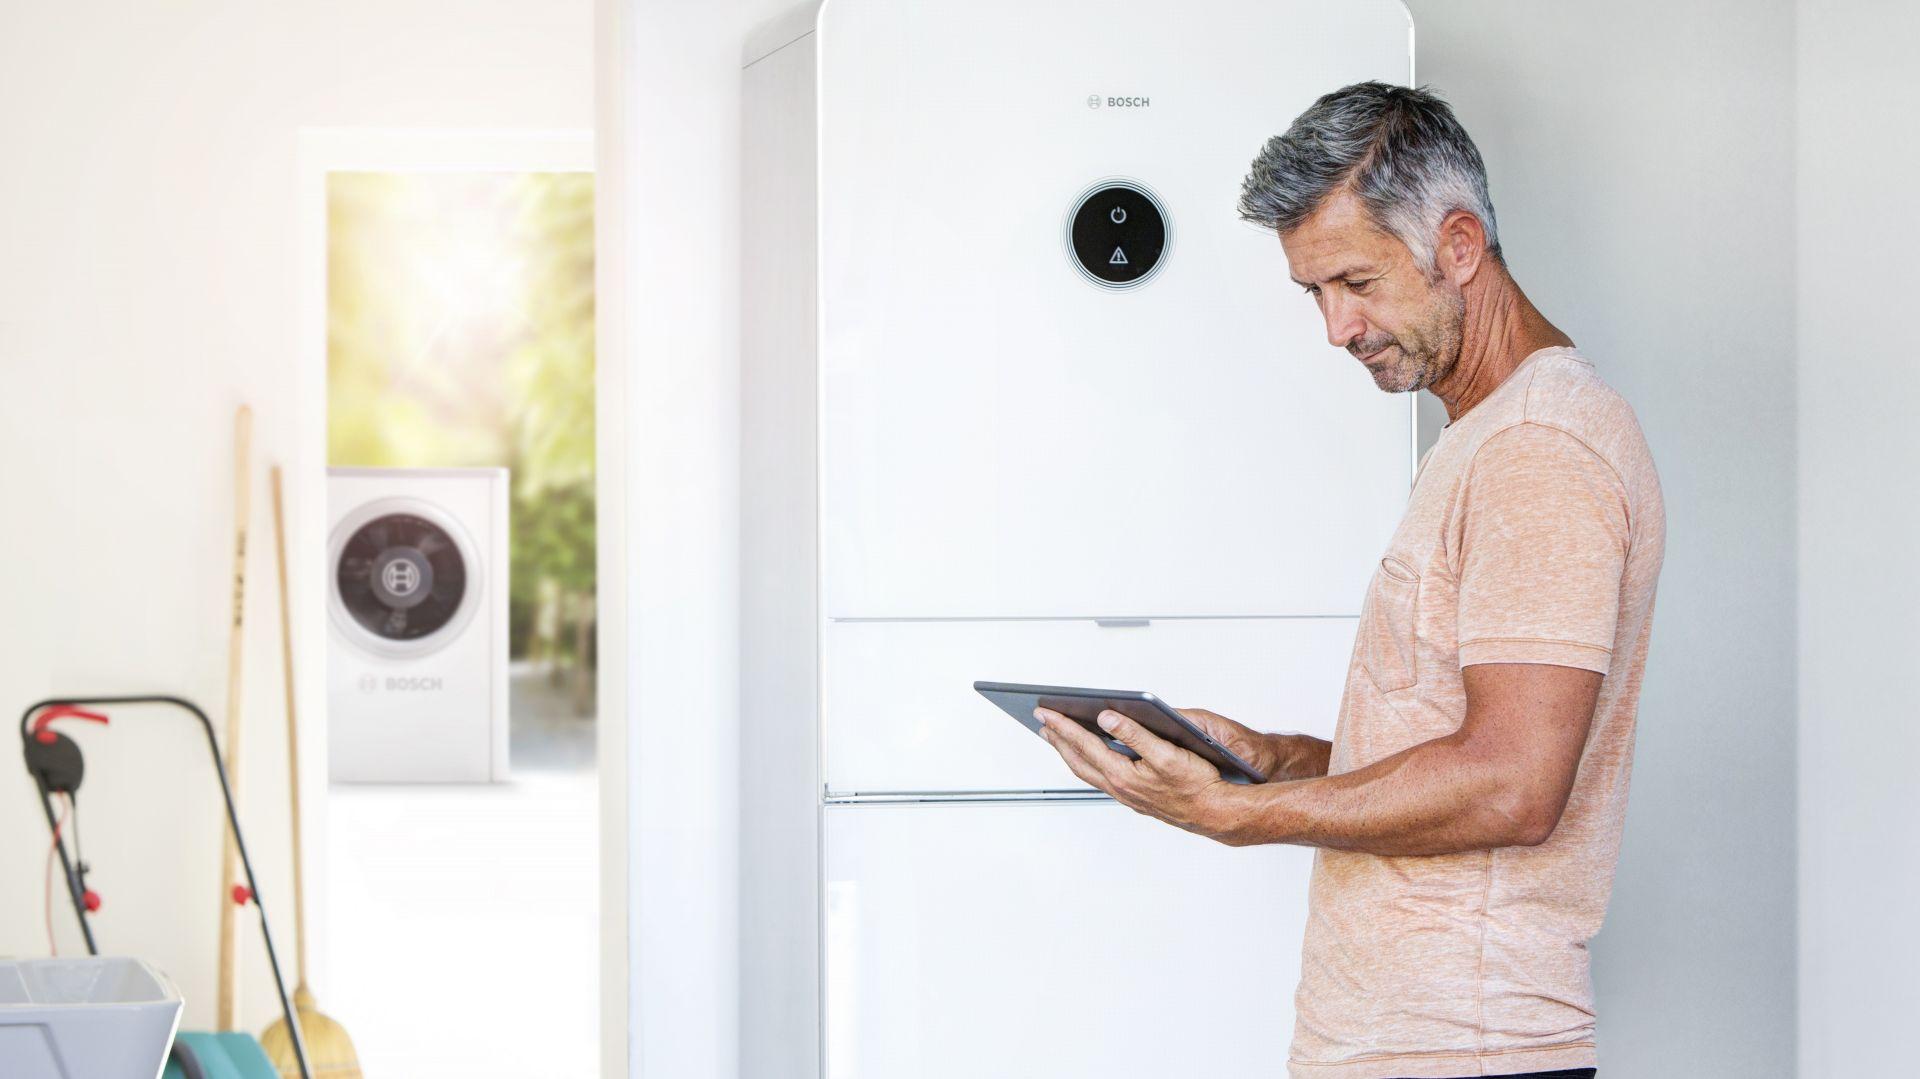 Pompa ciepła powietrze-woda Bosch Compress 7000i  AW do ogrzewania domu, chłodzenia, jak również do produkcji ciepłej wody użytkowej. Fot. Bosch